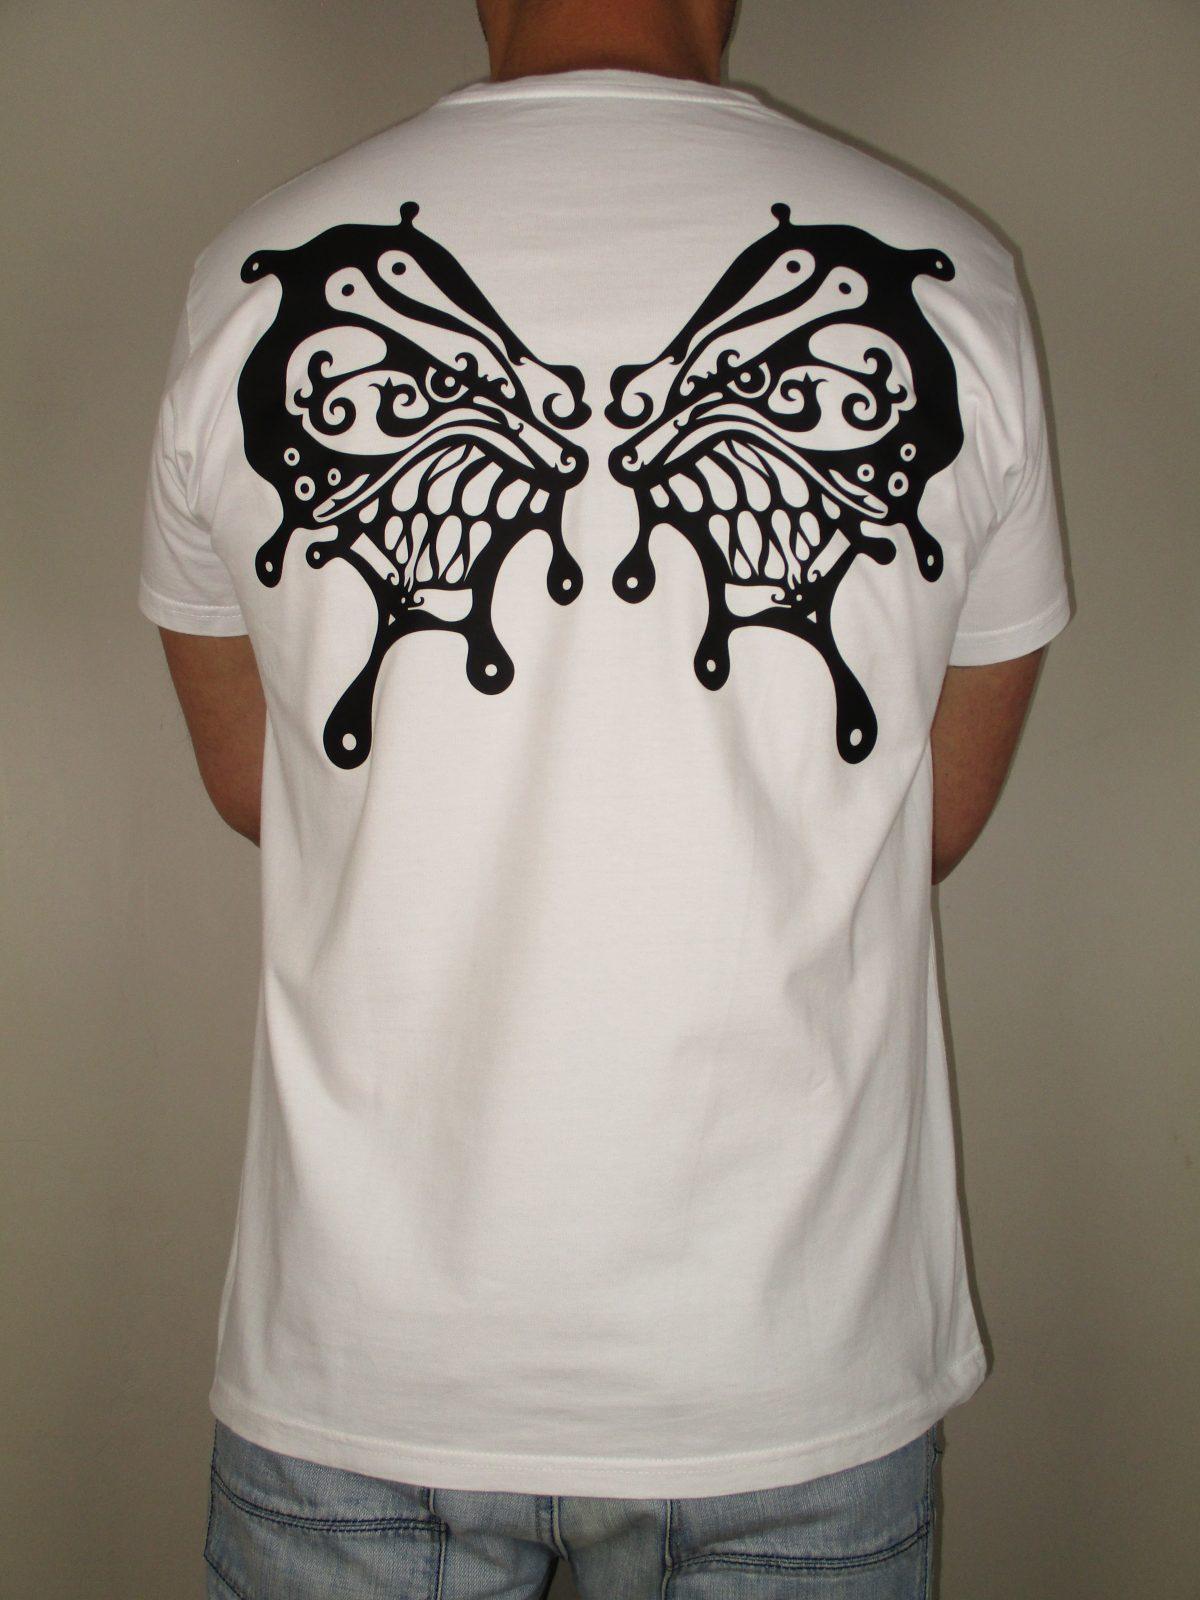 camiseta de calidad, marca registrada, EHT, demonios España calidad